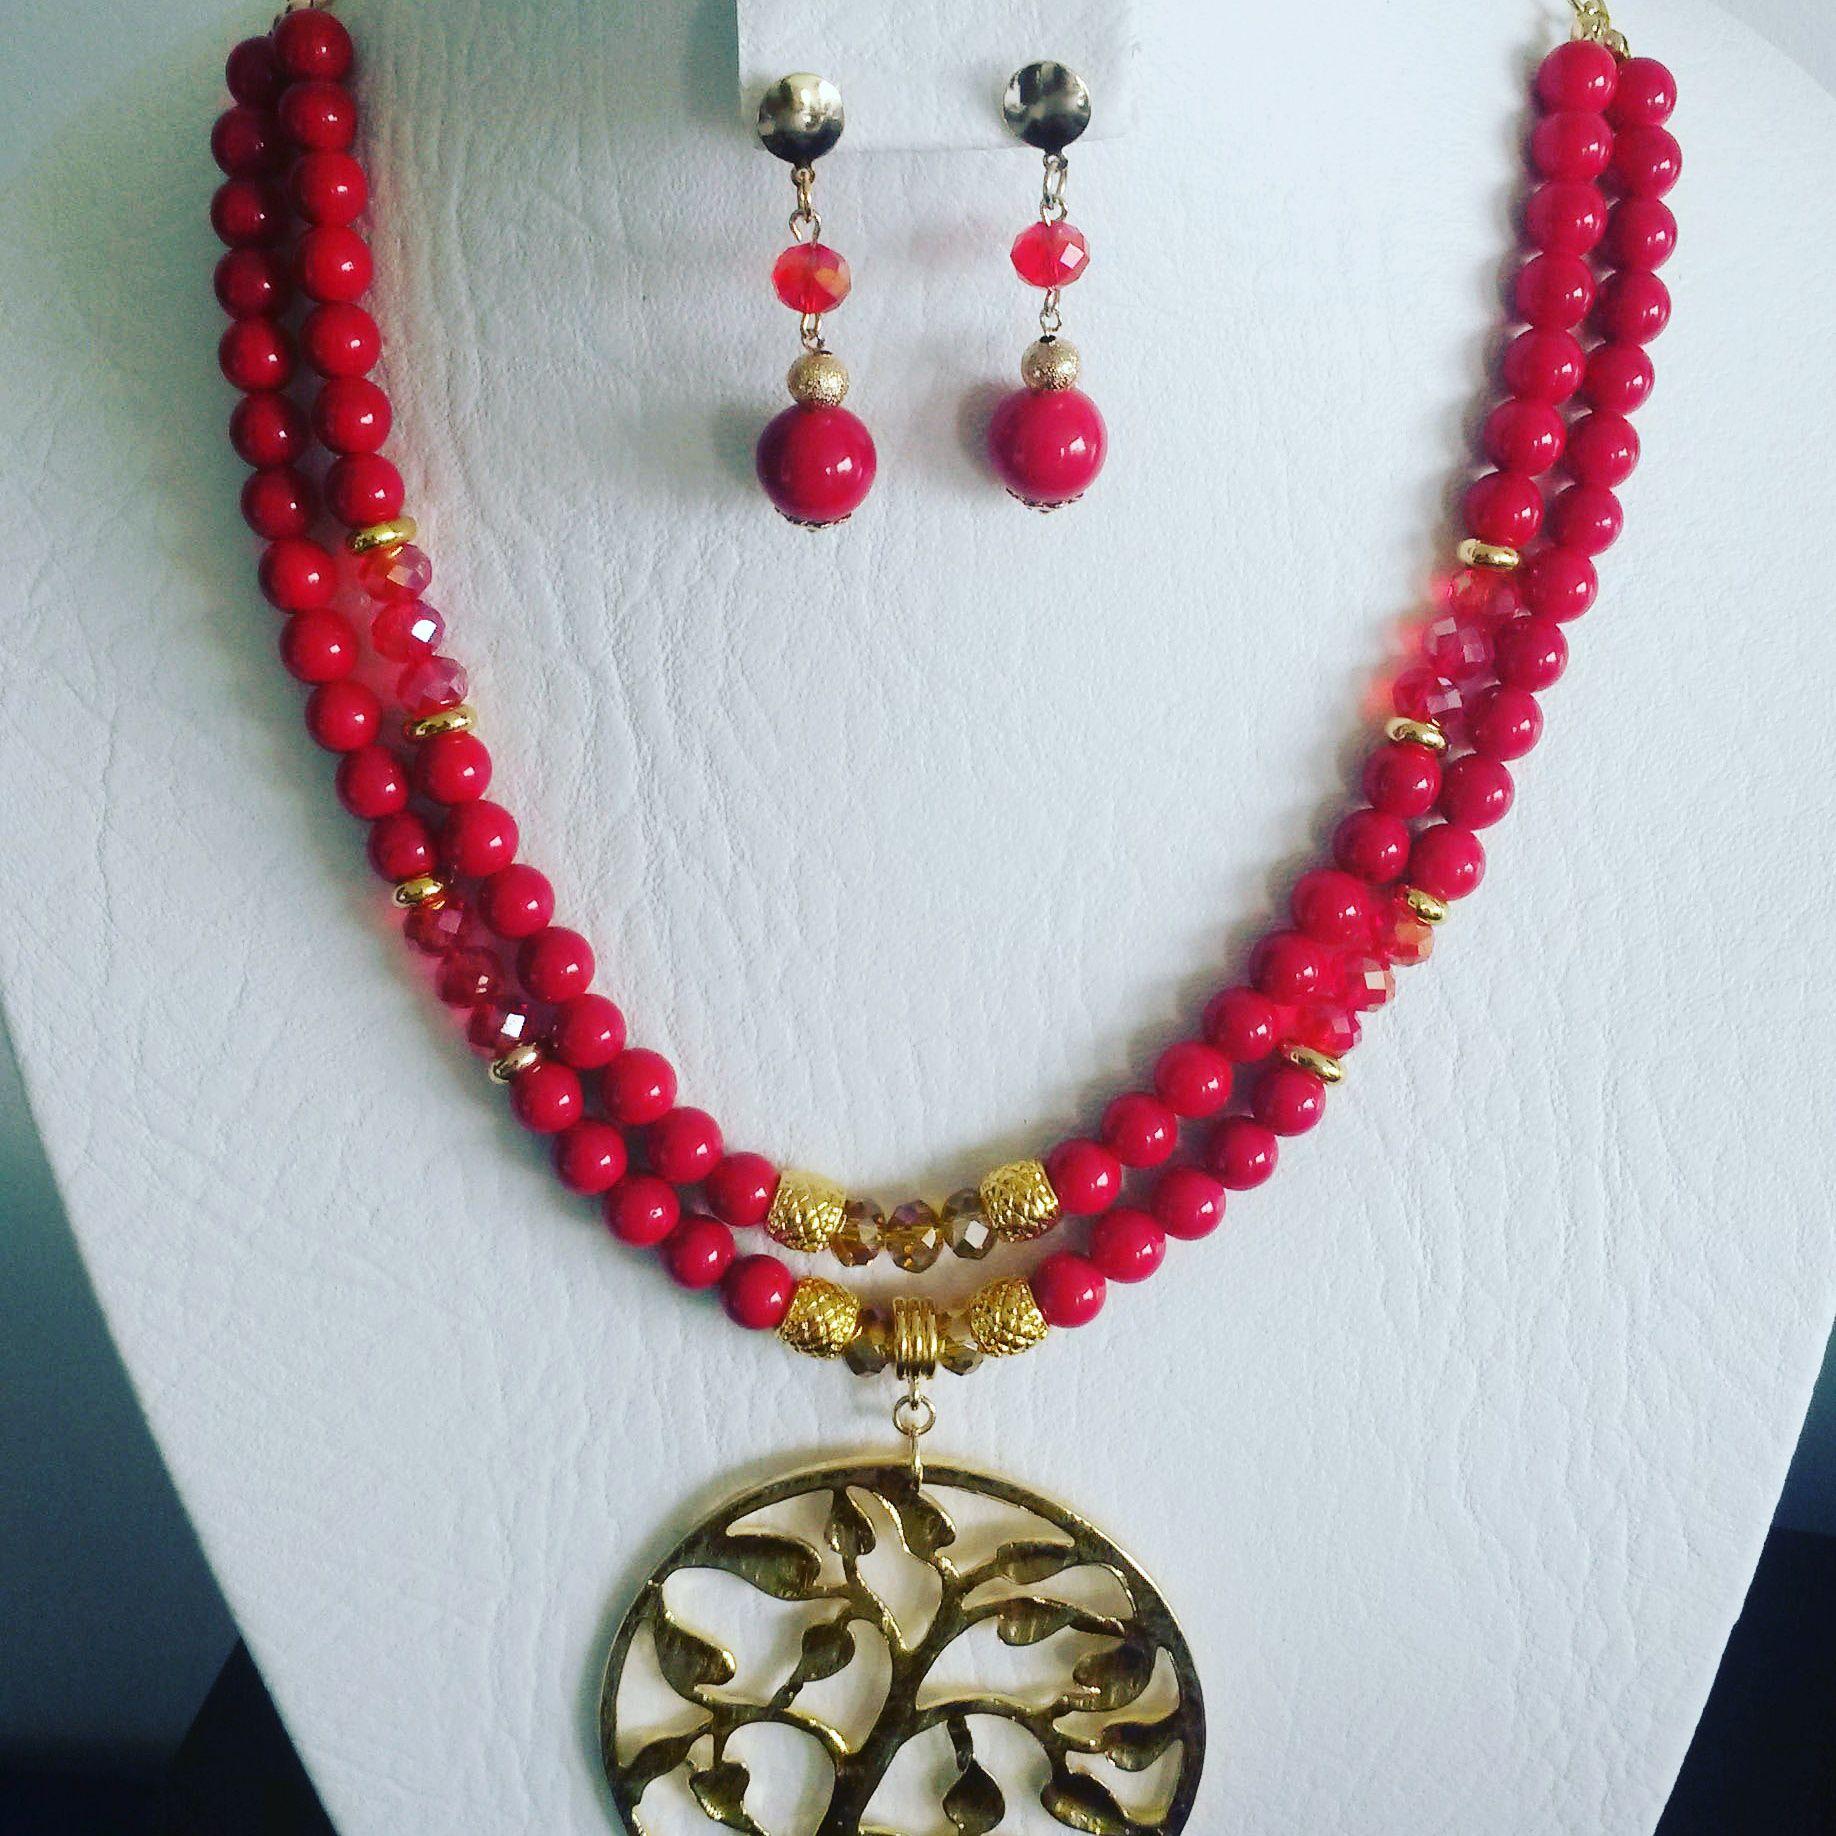 866f6631083f Juego collar elaborado en piedras jade rojo y cristales murano rojo y dorado.  Dije arbol de la vida en zamak con baño de oro.